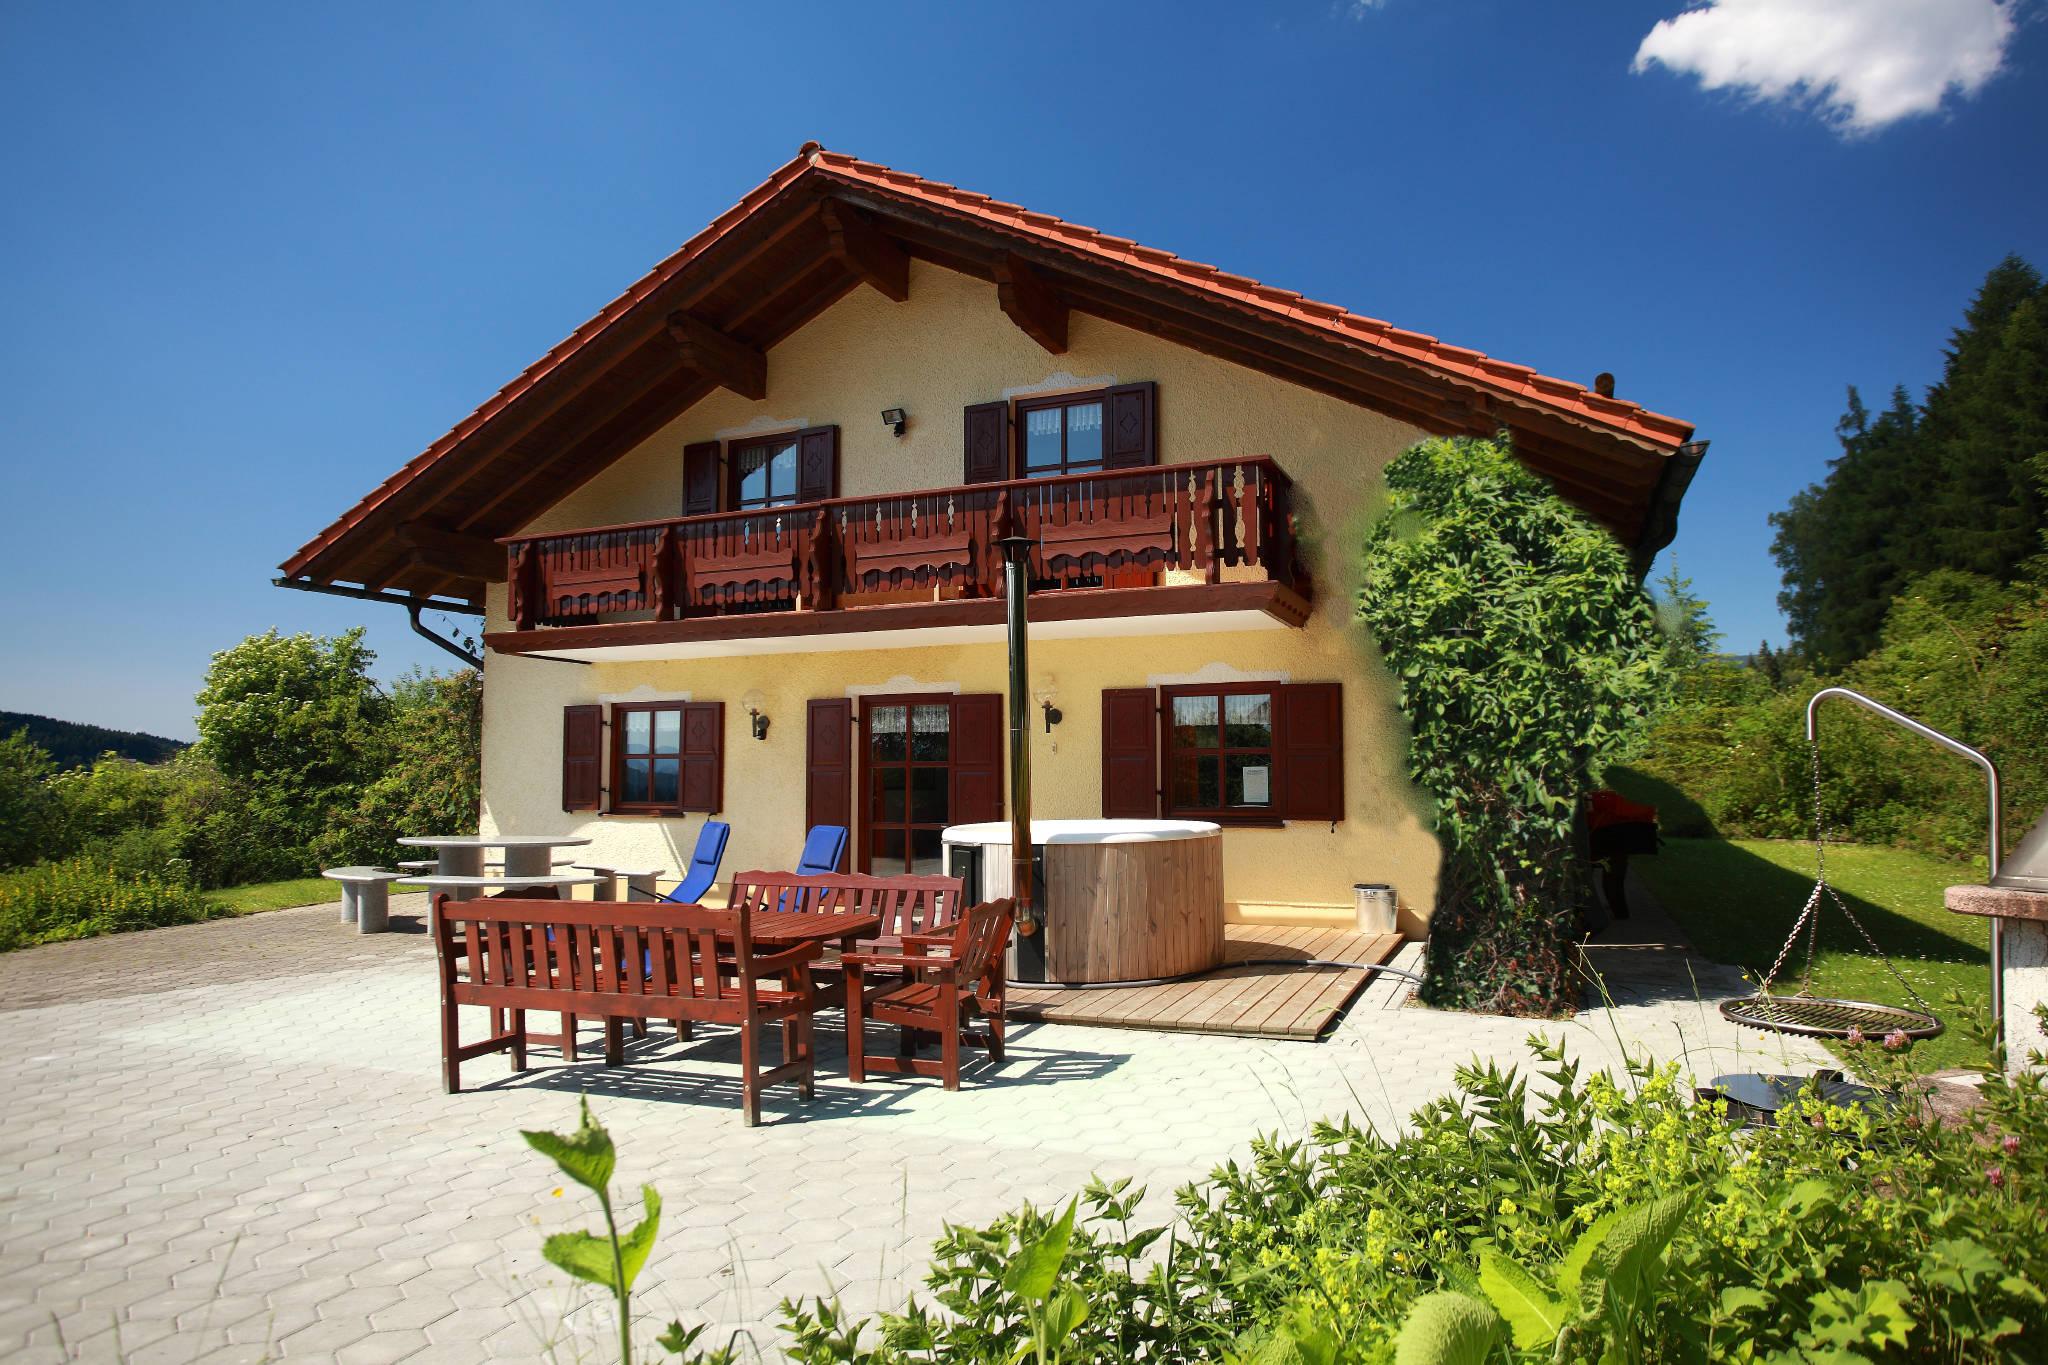 Detailbild von Ferienhaus Anneliese